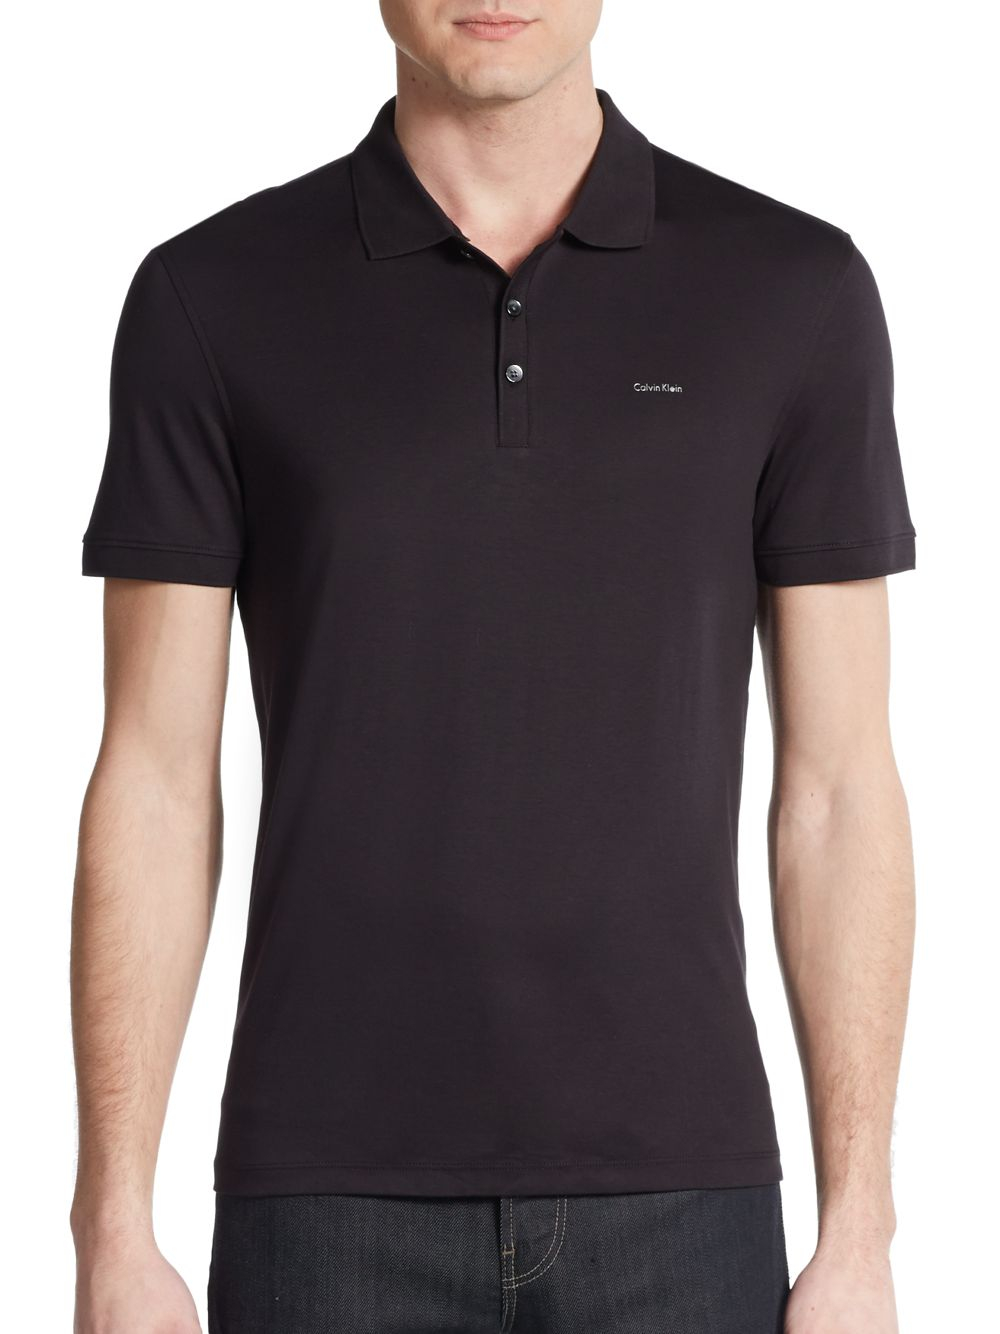 Calvin klein cotton polo shirt in black for men lyst for Black cotton polo shirt